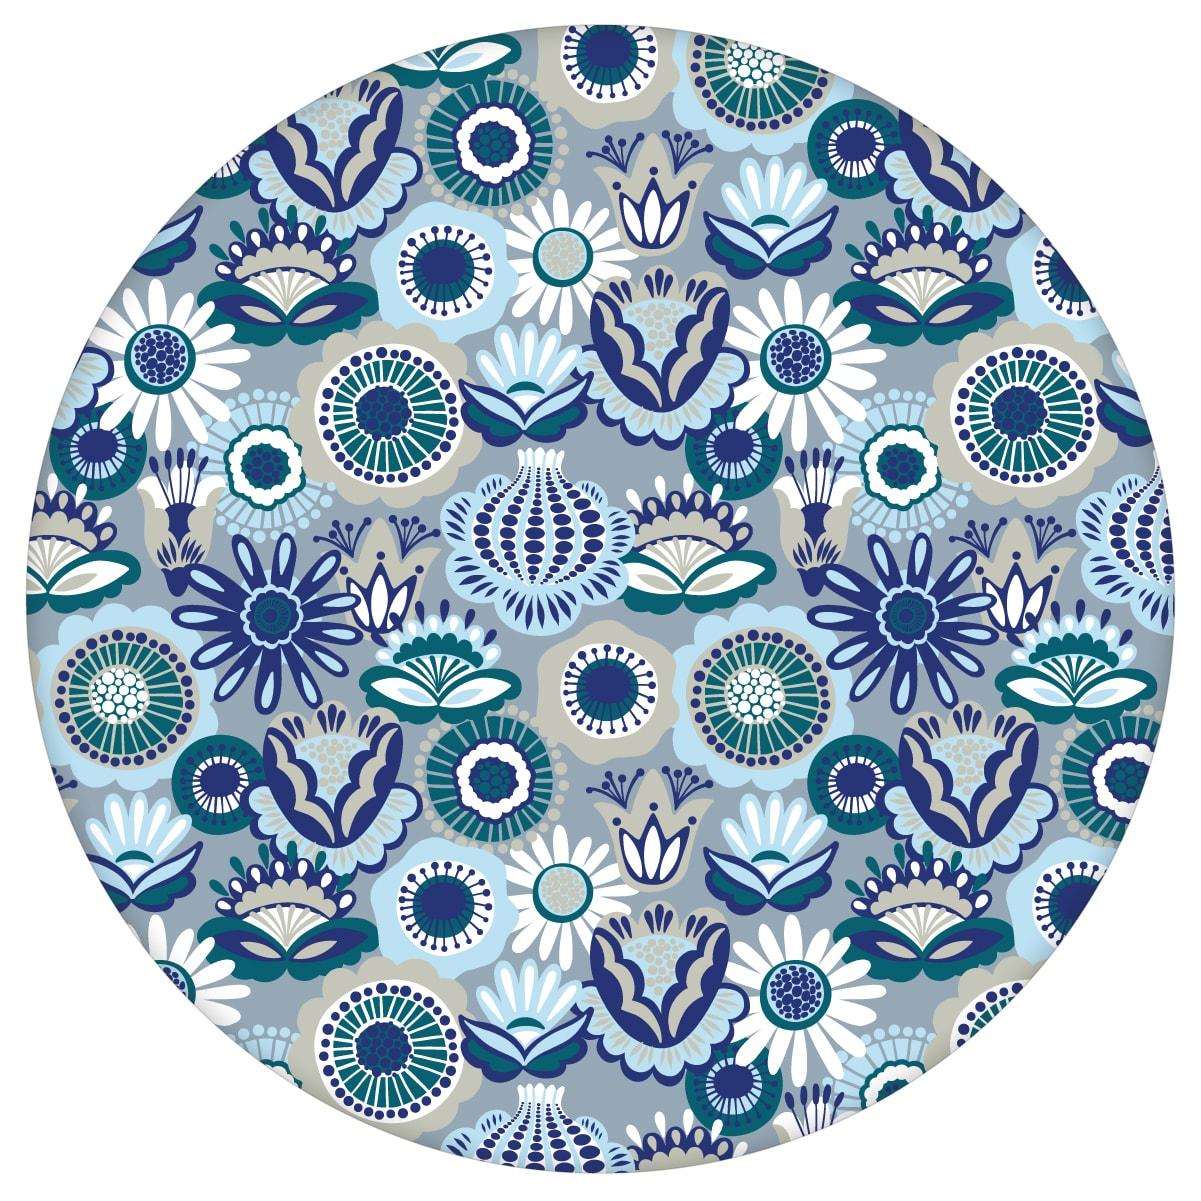 """Blüten Tapete """"Bauerngarten"""" im Folklore Stil, blaue Vlies-Tapete für Schlafzimmeraus dem GMM-BERLIN.com Sortiment: blaue Tapete zur Raumgestaltung: #00130 #Bauerngarten #blau #Blaue Tapeten #blueten #blumen #Blumentapete #Folklore #garten #schlafzimmer für individuelles Interiordesign"""